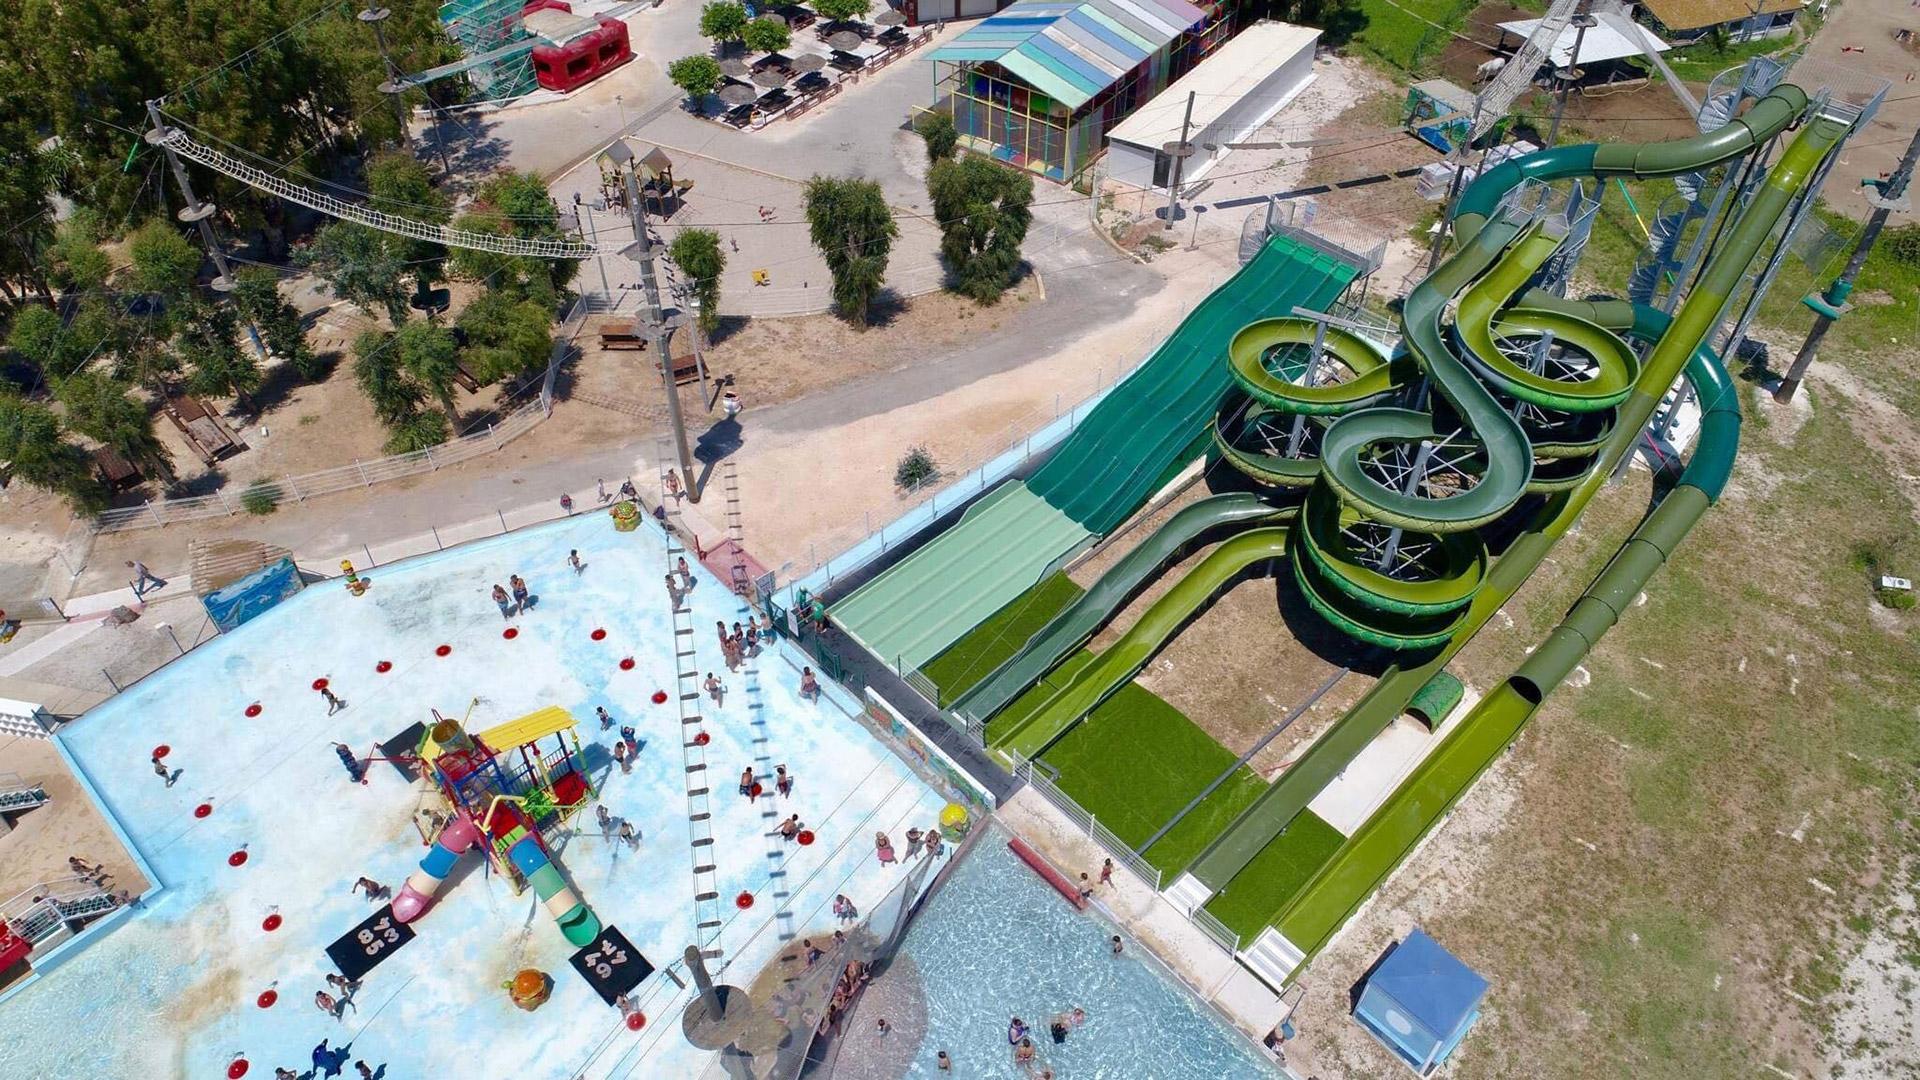 Kiddy parc prise de vue aerienne